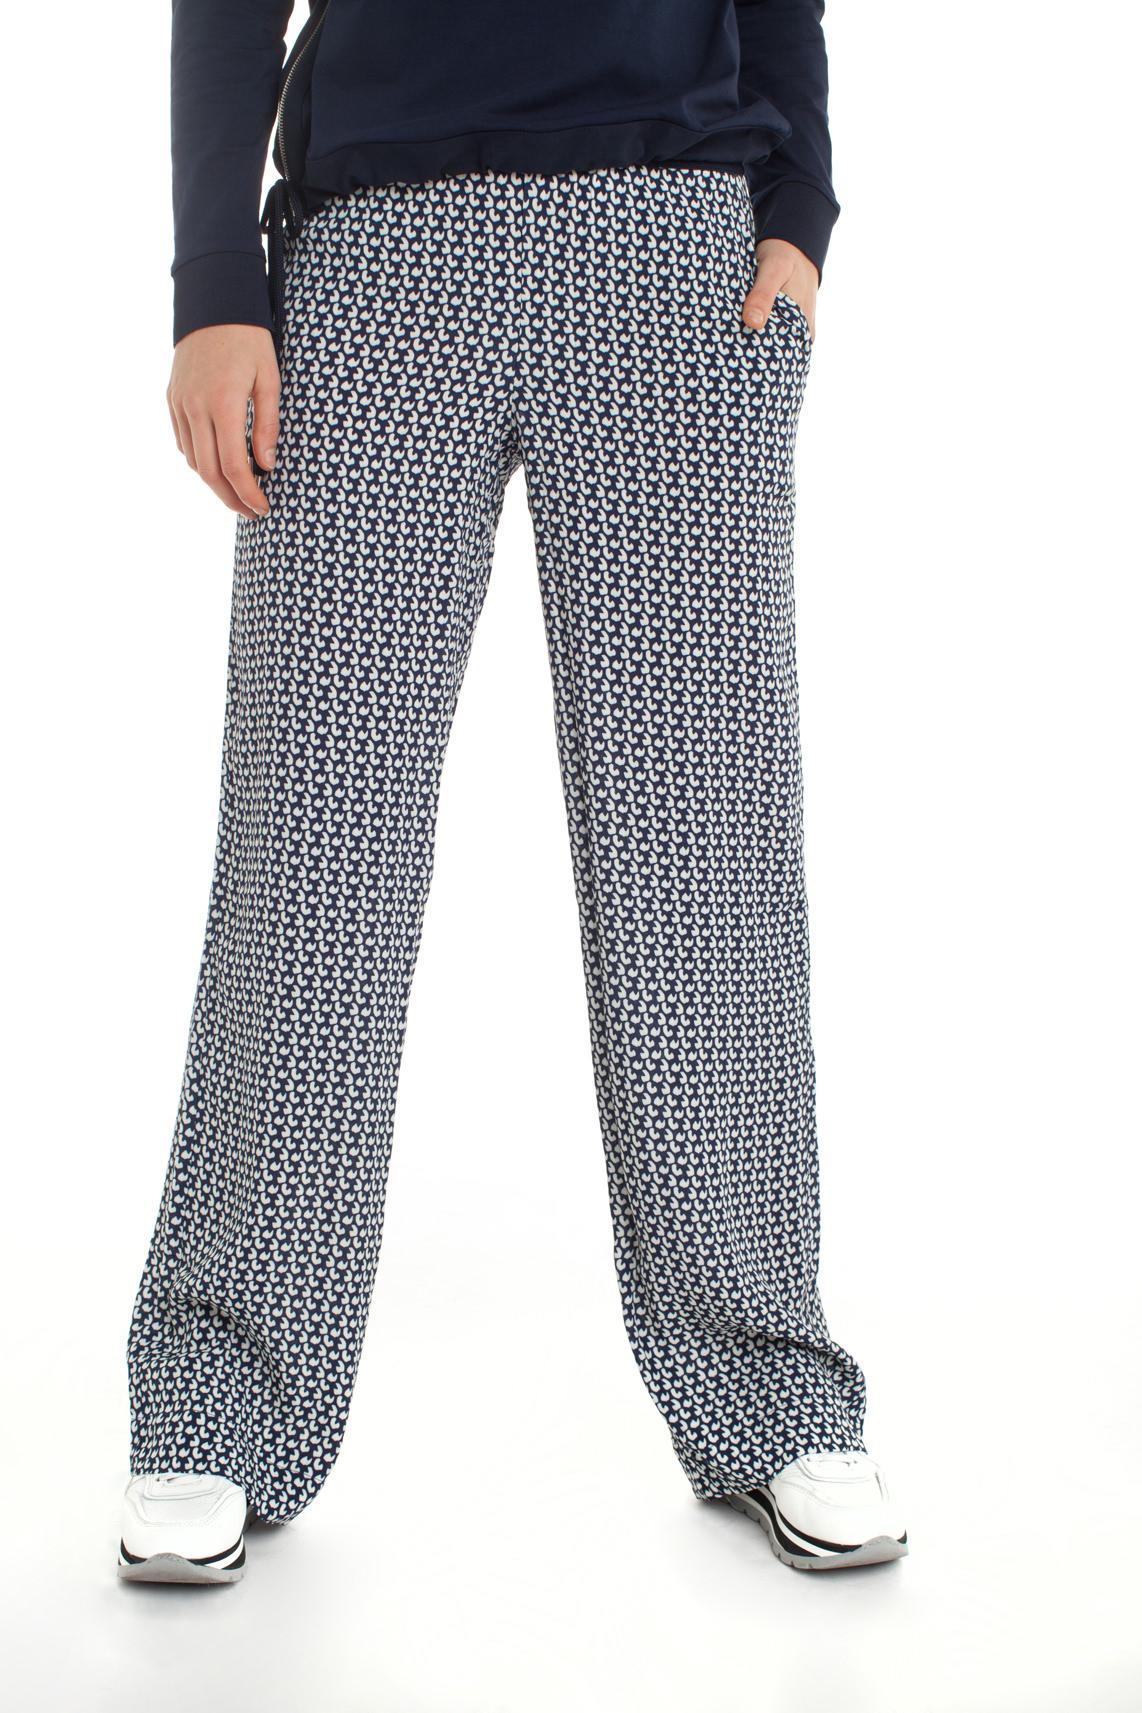 Anna Blue Dames Wijdvallende broek met print Blauw